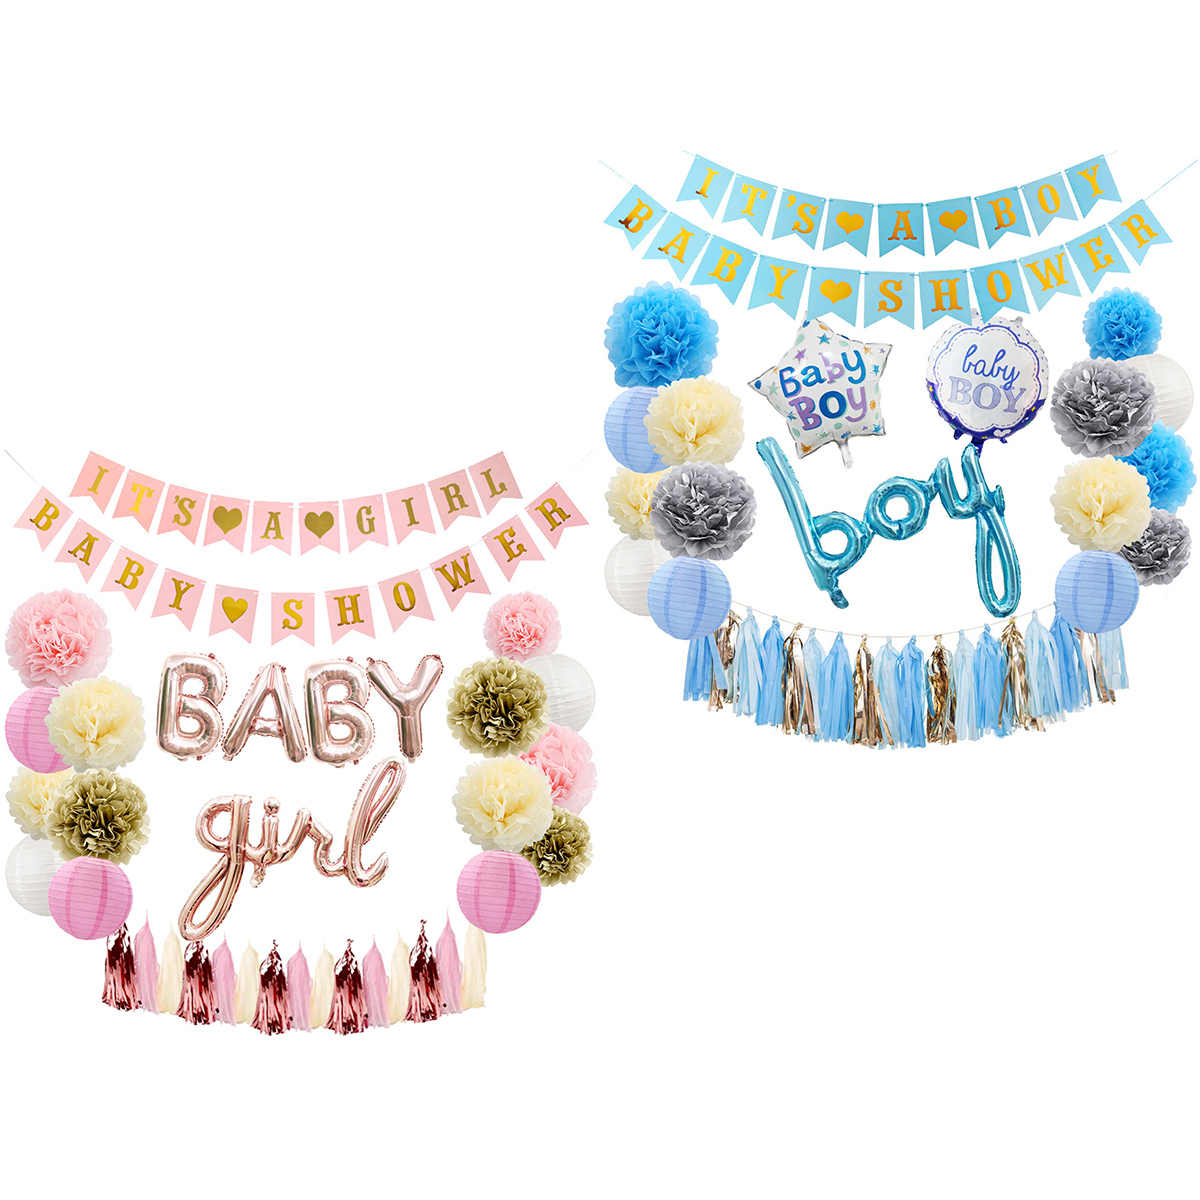 เด็กทารกเด็กสาวชุดตกแต่ง It's Boy It's Girl oh ลูกโป่งเด็กเพศเปิดเผยเด็กวันเกิด Baby Shower ของขวัญ